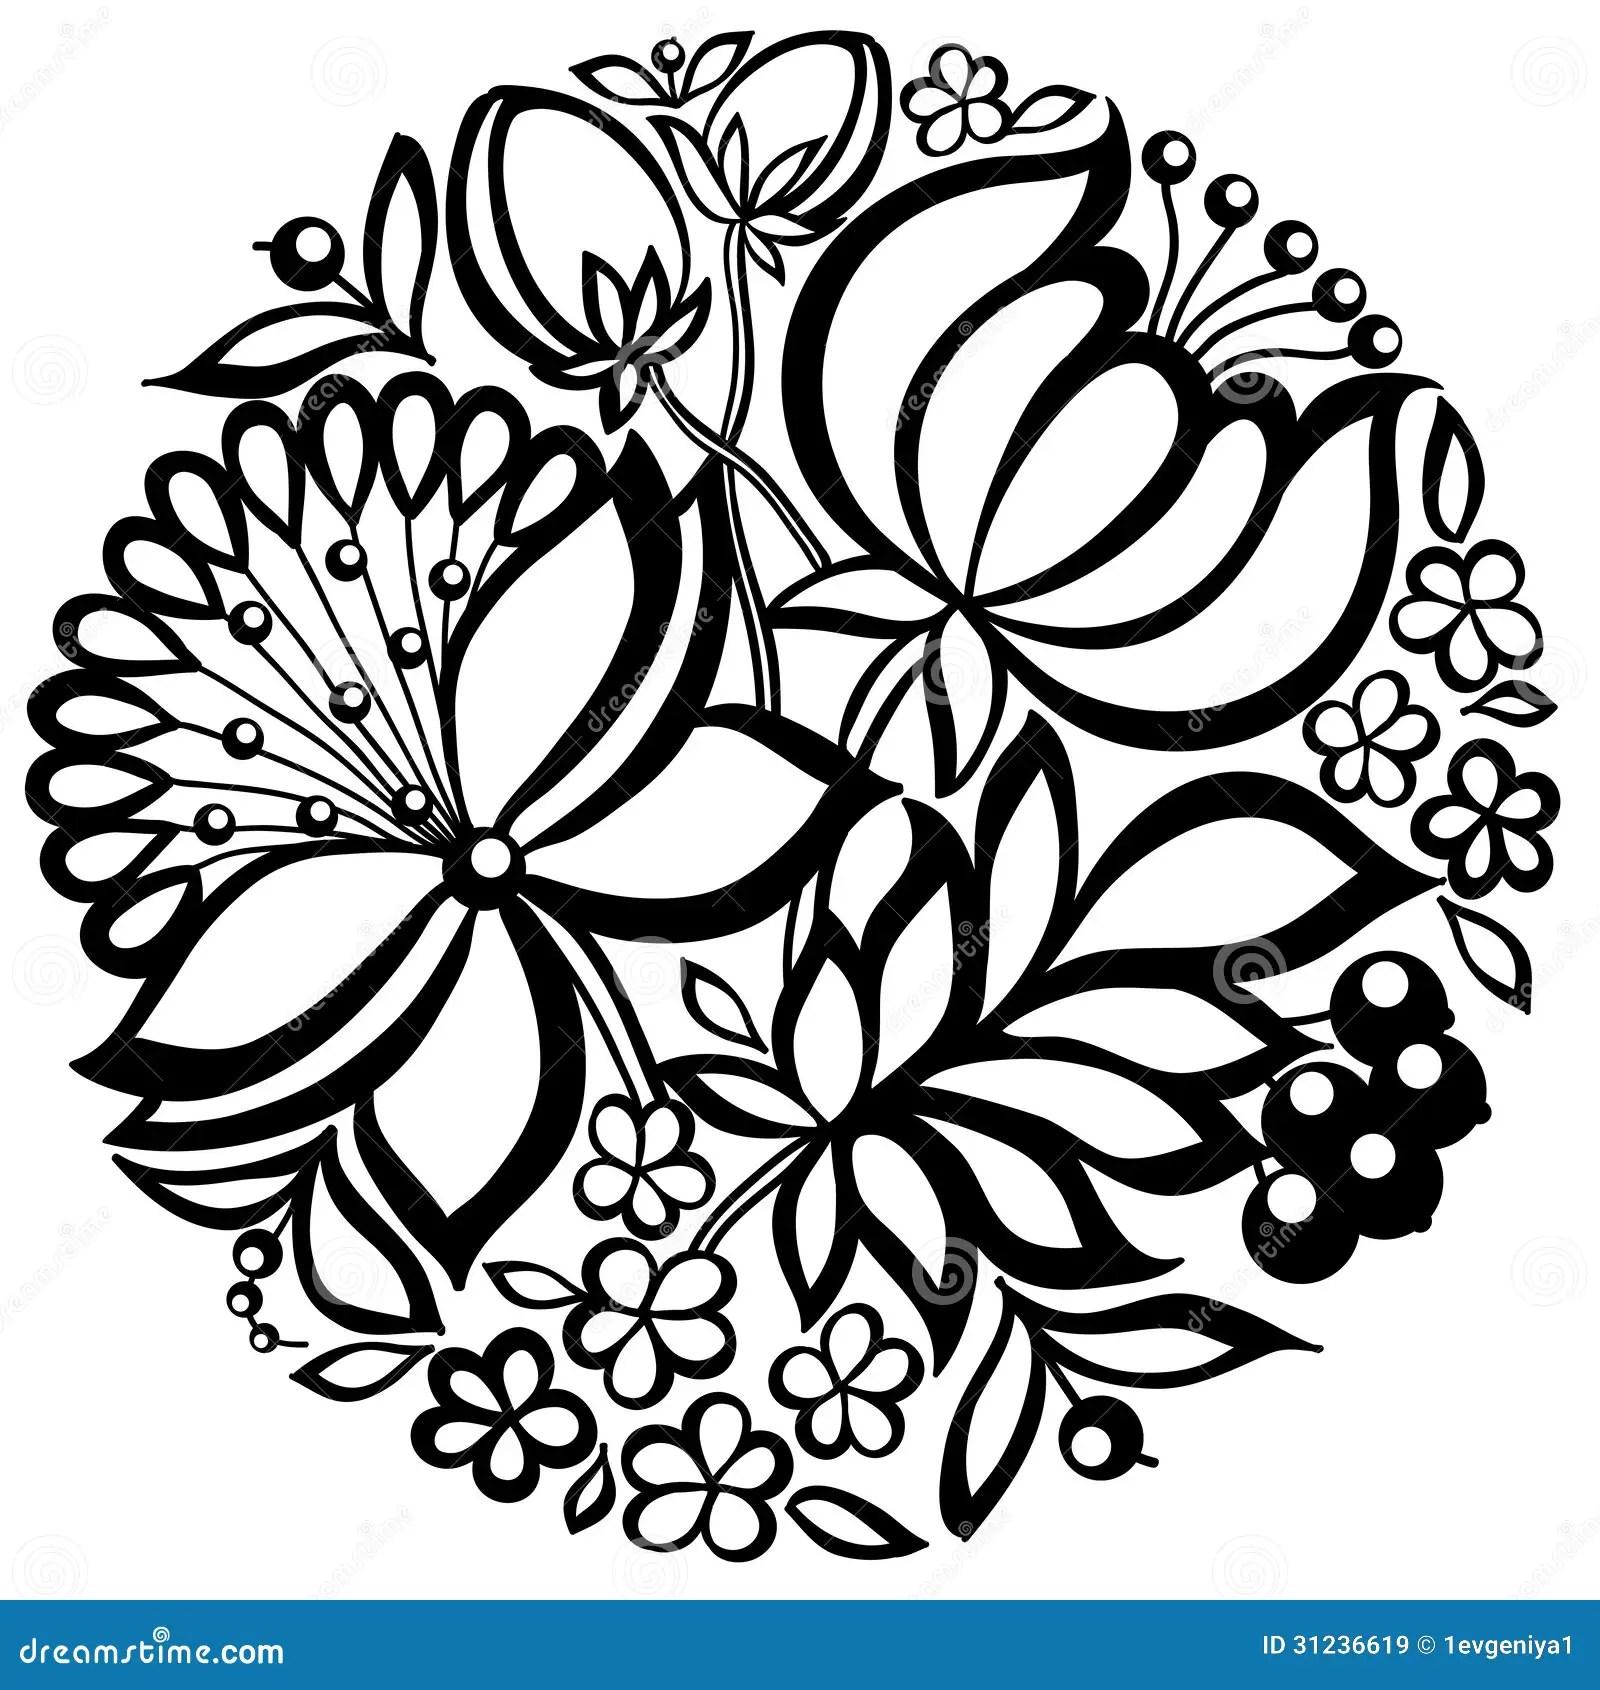 Svartvit Blom Ordning I Formen Av En Cirkel Vektor